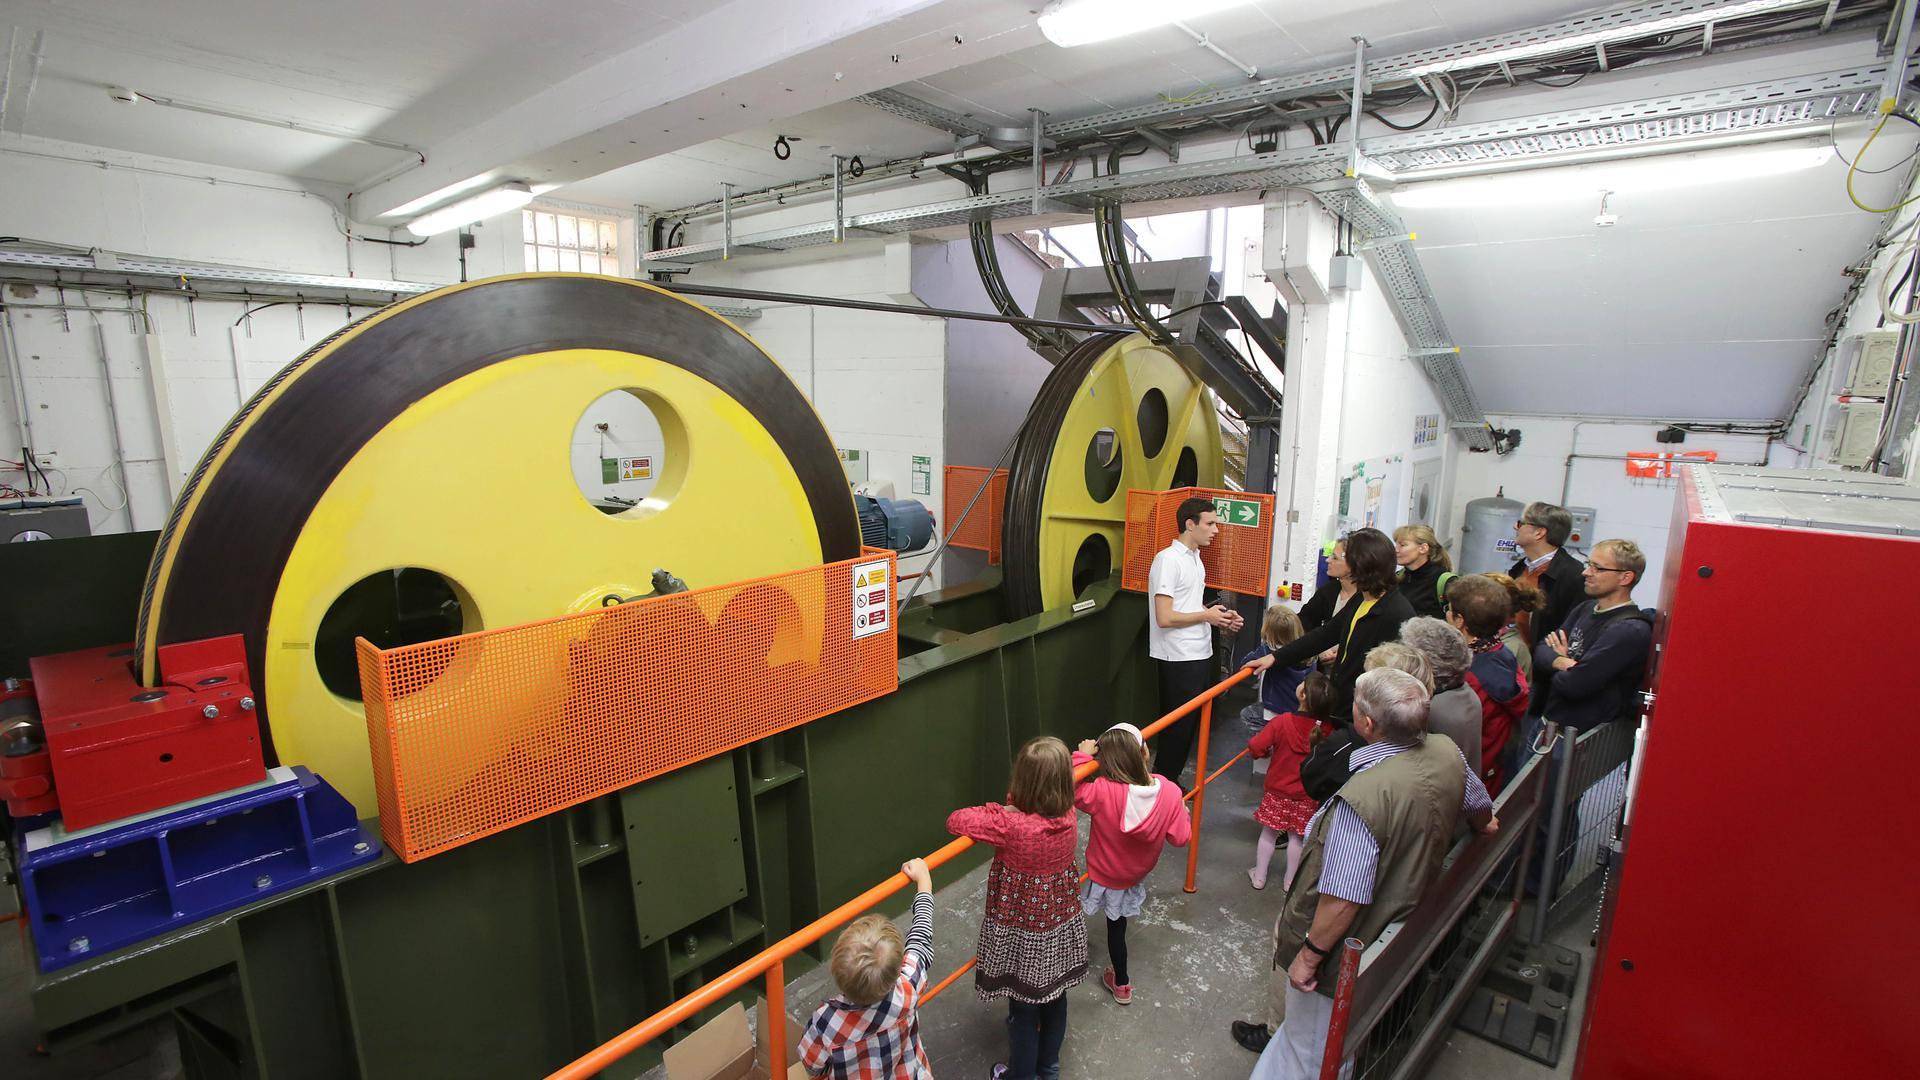 Die Seiltechnik soll nach dem Neubau der Turmbergbahn für Besucher sichtbar sein. Bislang konnten die Räder nur bei Aktionstagen wie auf dem Bild in Augenschein genommen werden.